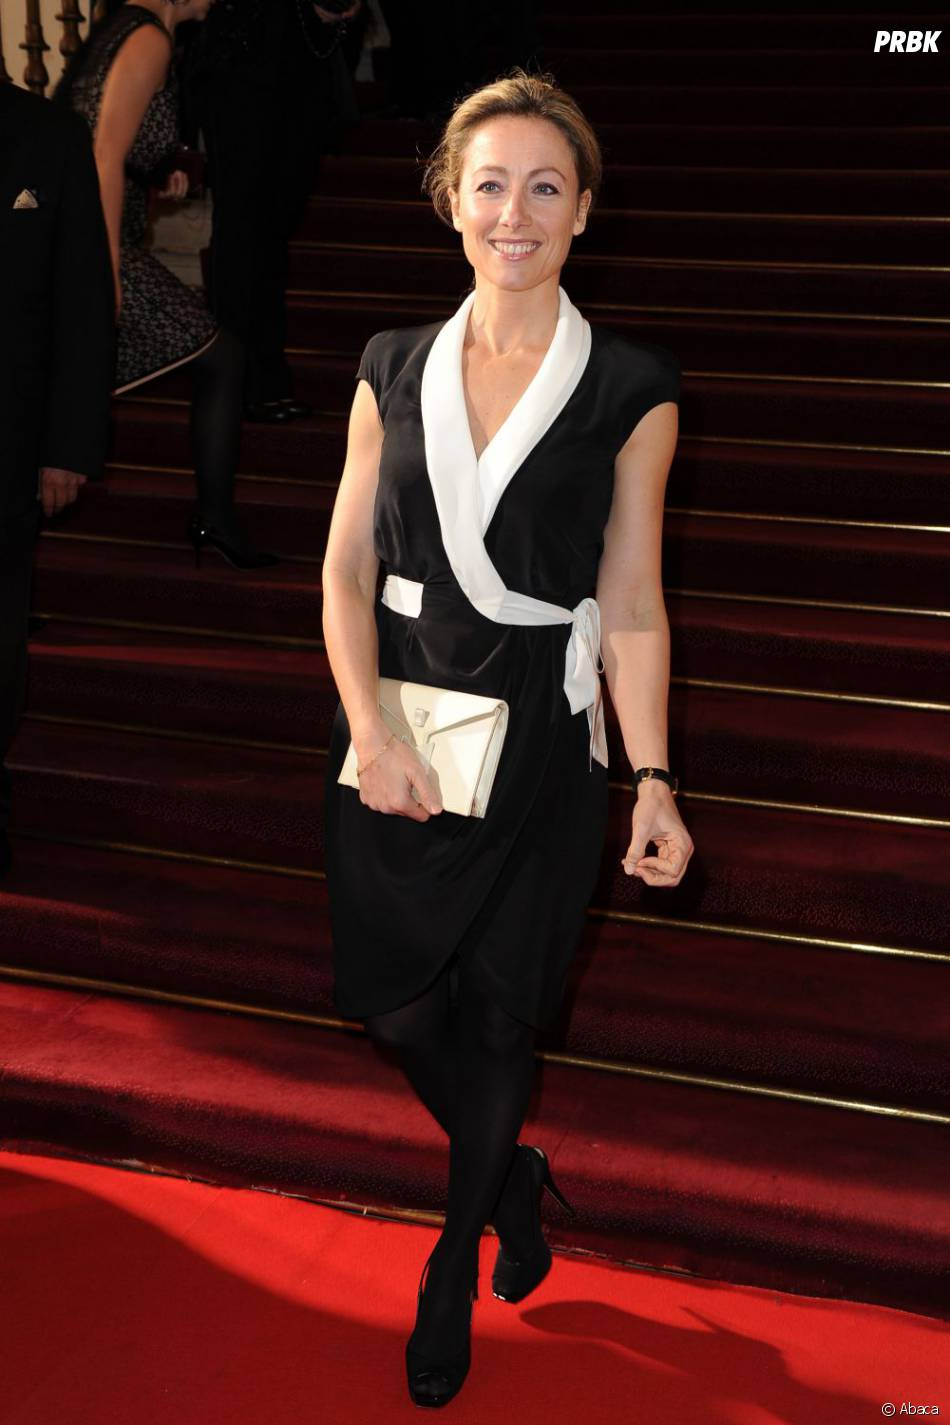 Anne-Sophie Lapix : Canal+ n'a pas accepté qu'elle fasse la promo de France 5 alors qu'elle était liée à un contrat d'image